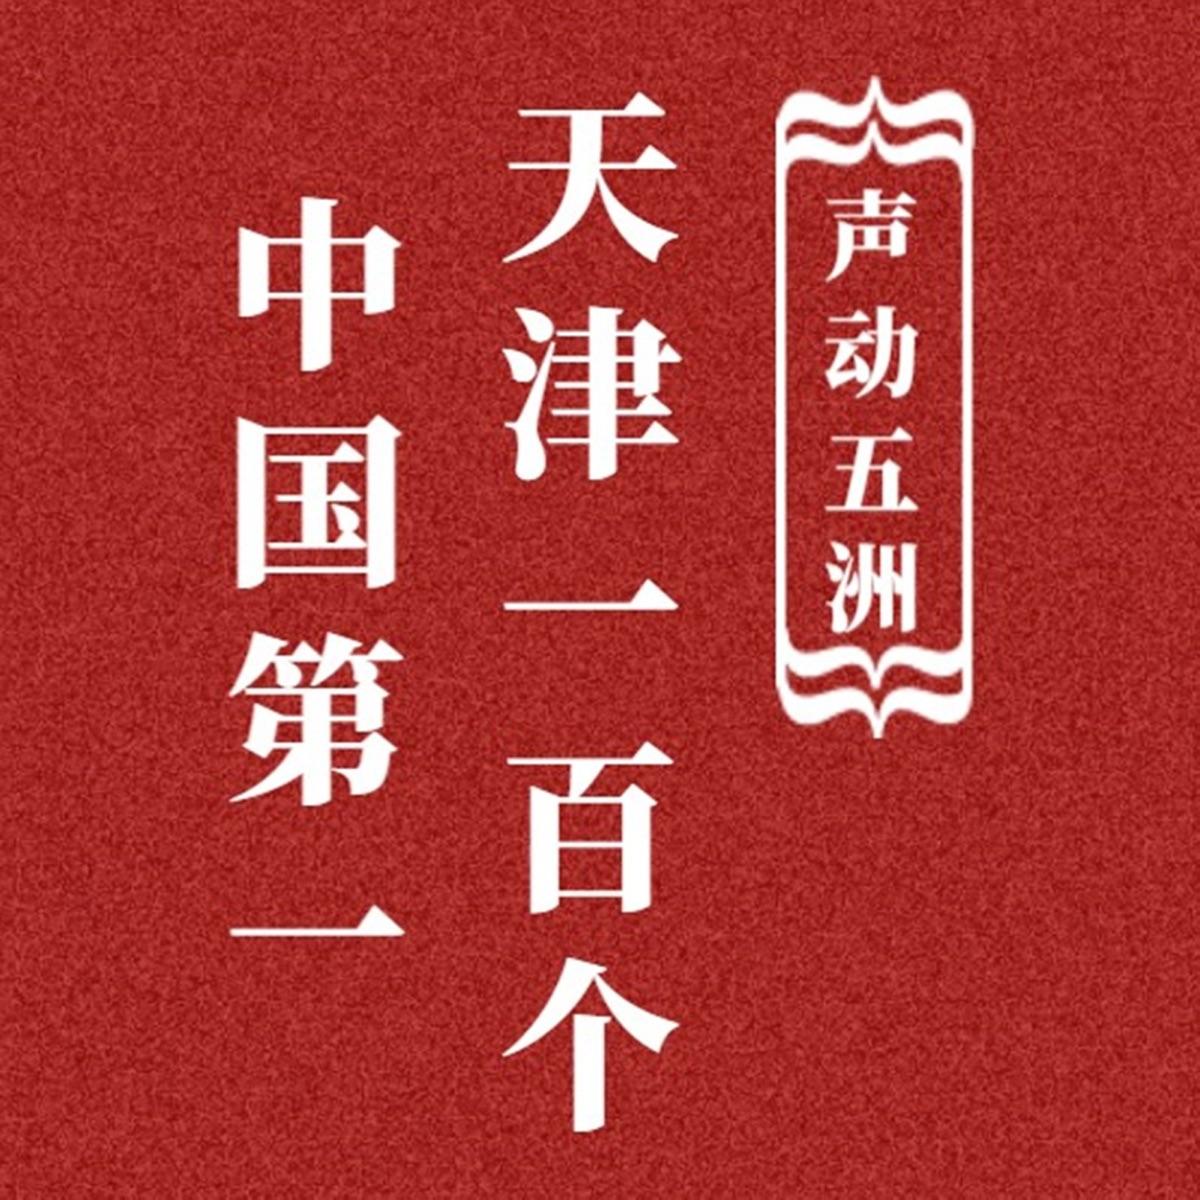 天津在近代中国的100个第一